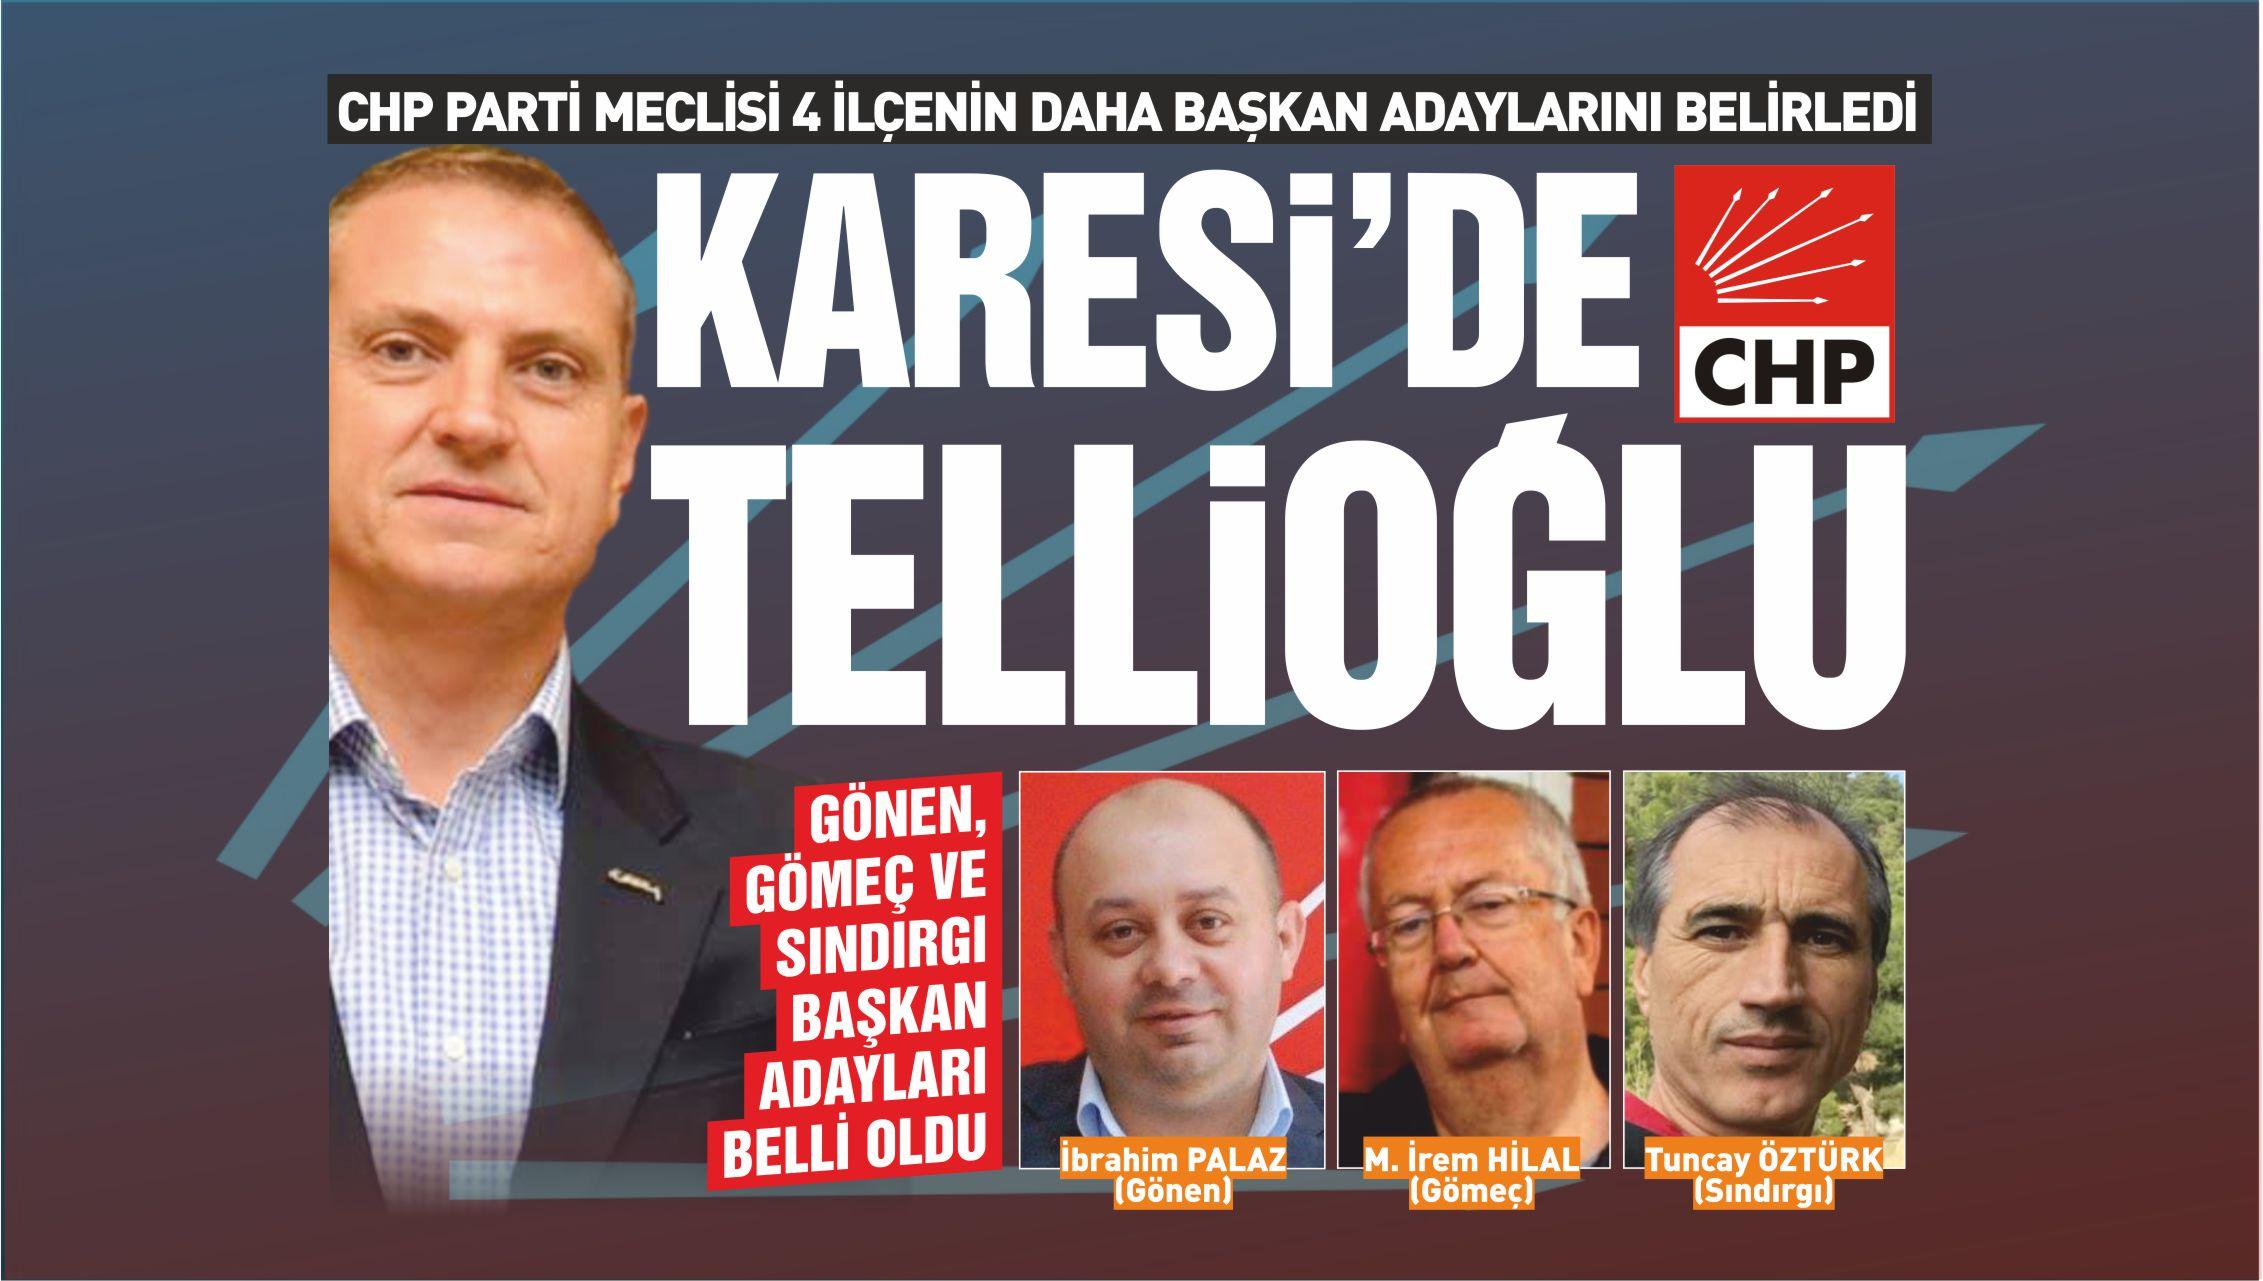 CHP KARESİ'DE LEVENT TELLİOĞLU'NU ADAY GÖSTERDİ